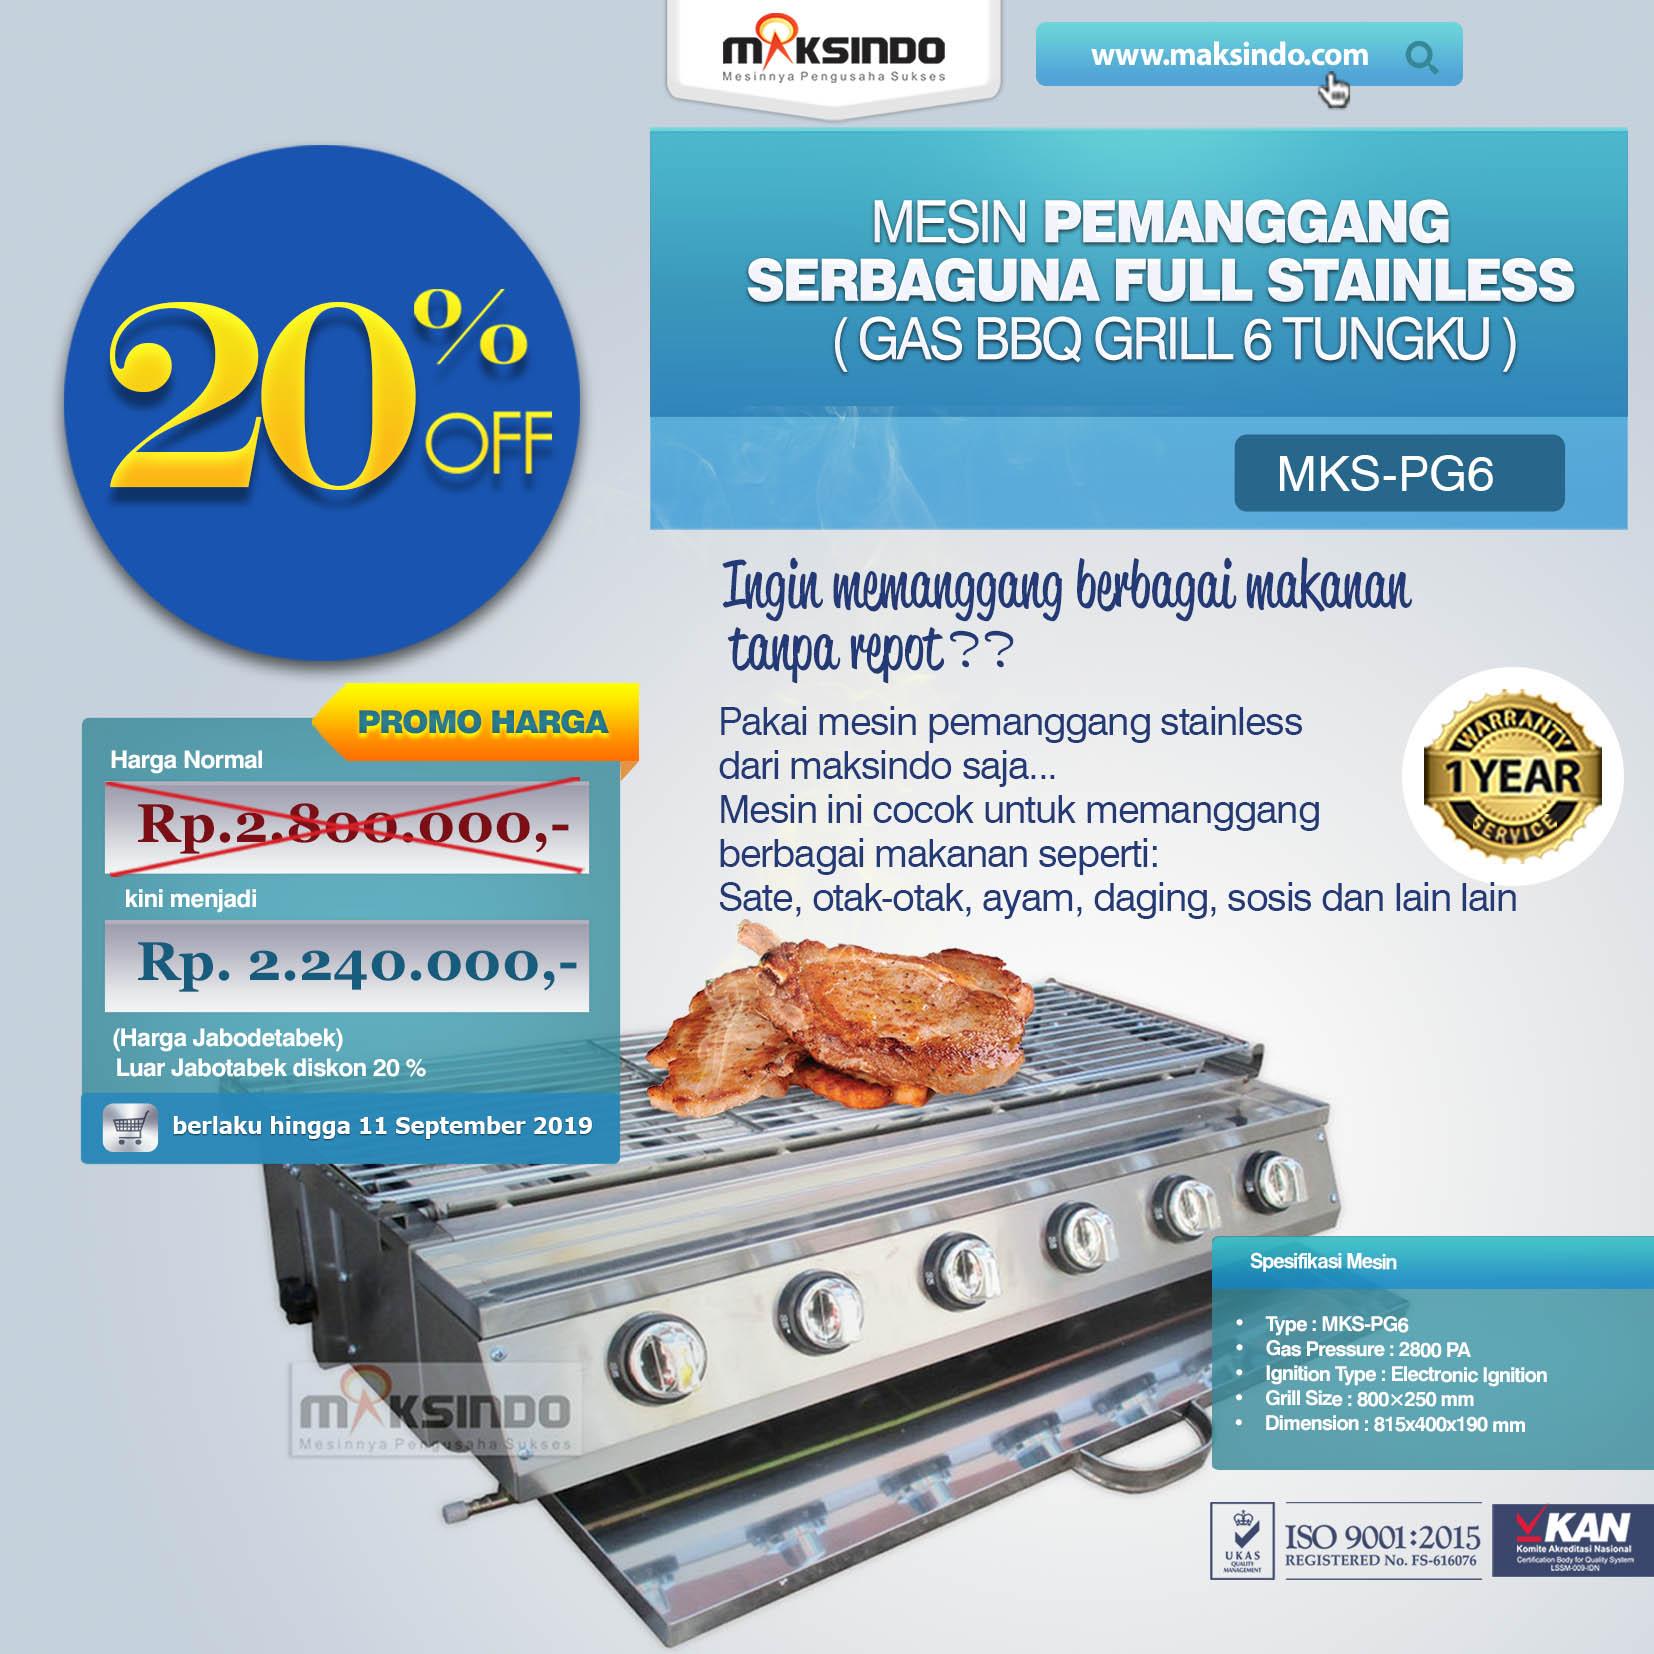 MKS-PG6 Pemanggang Serbaguna Gas BBQ Grill 6 Tungku